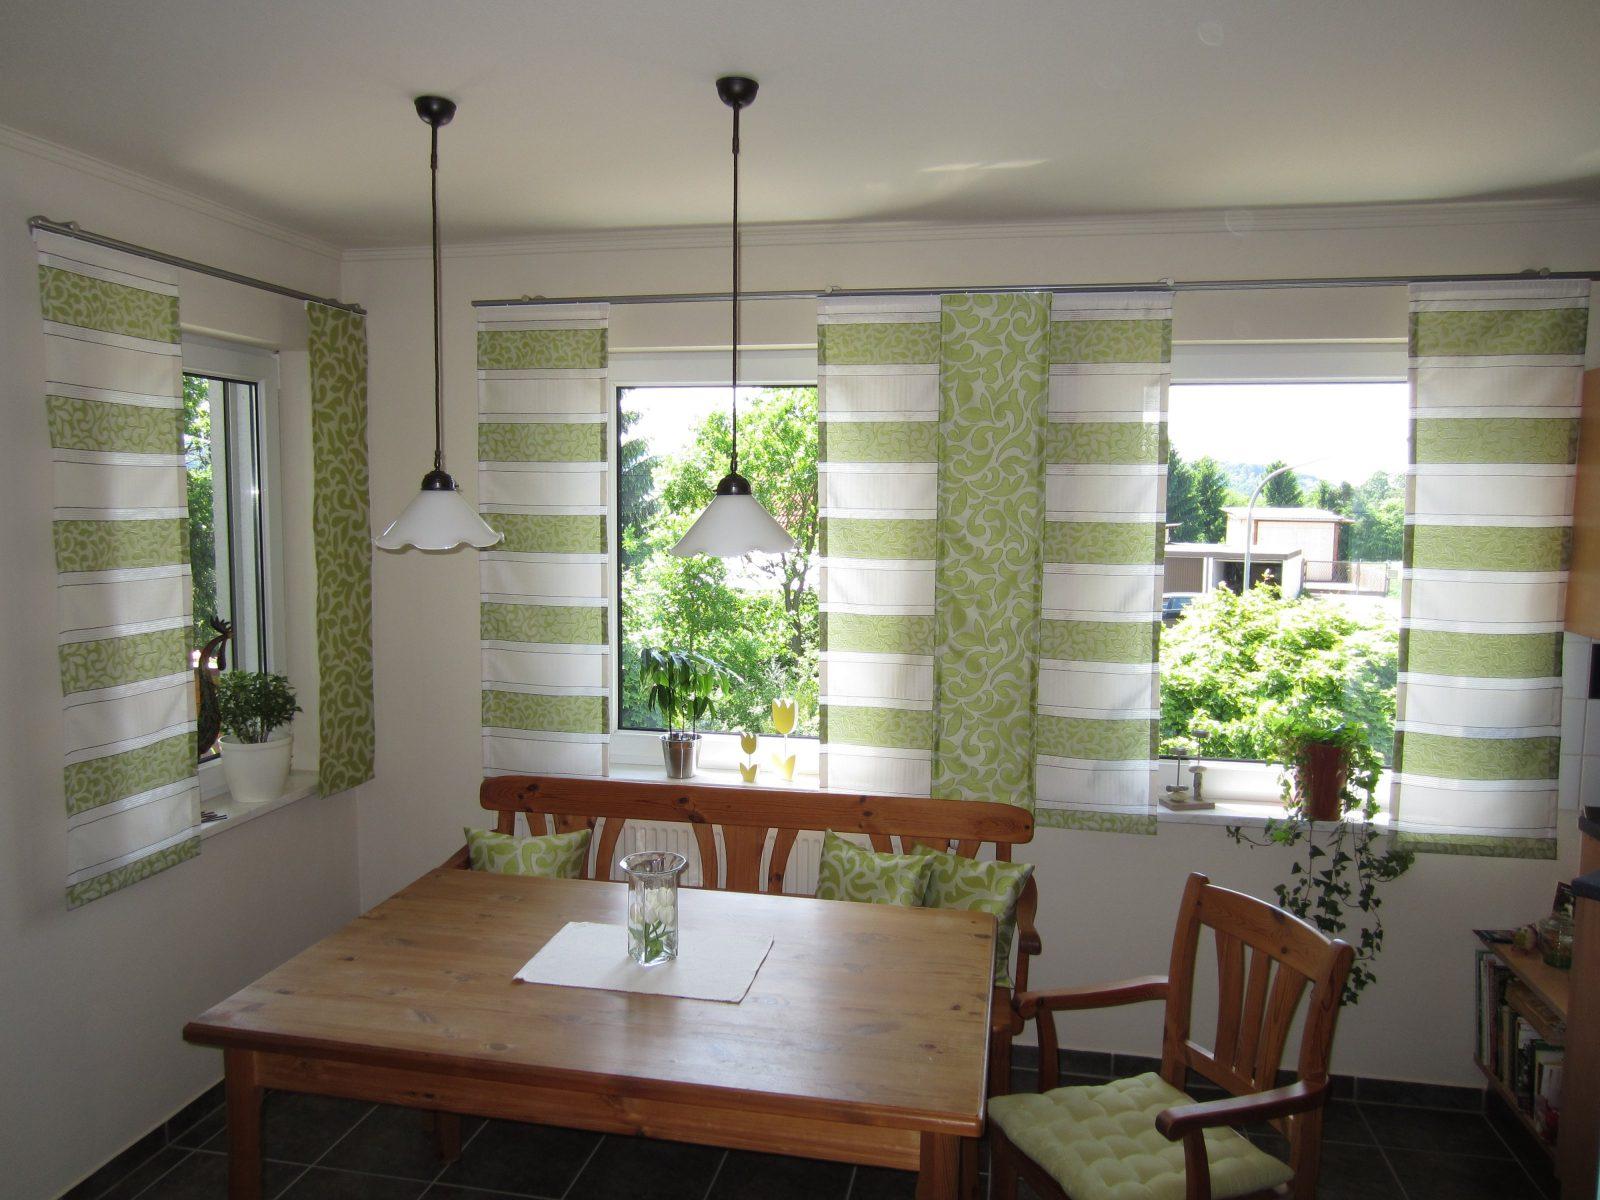 Hervorragend Küche Vorhänge Vorhaenge Kueche Inspirierend Moderne von Vorhänge Für Die Küche Bild